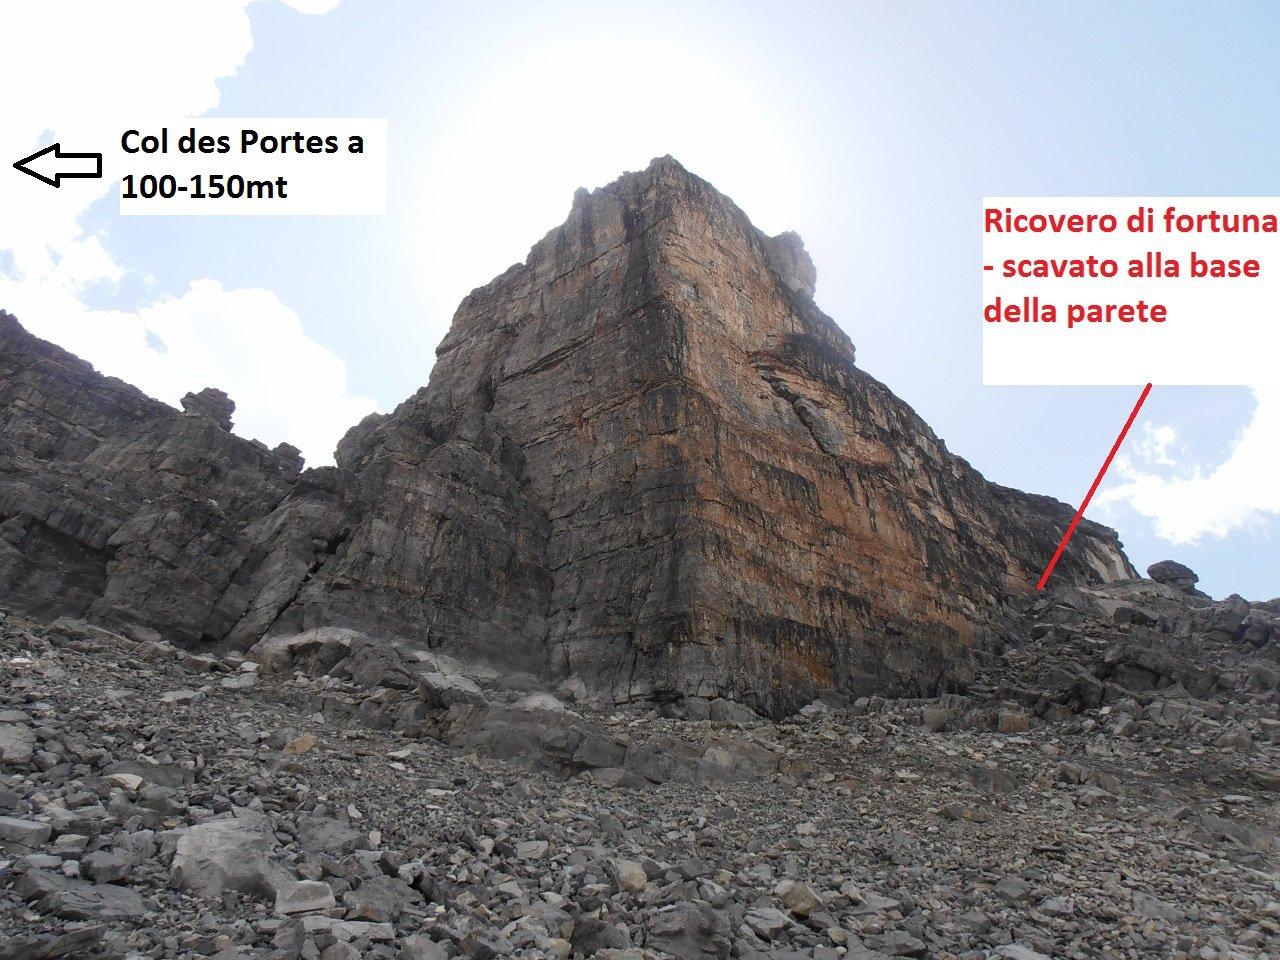 07 - parete rocciosa sotto la quale, nascosto, si trova il ricovero di fortuna